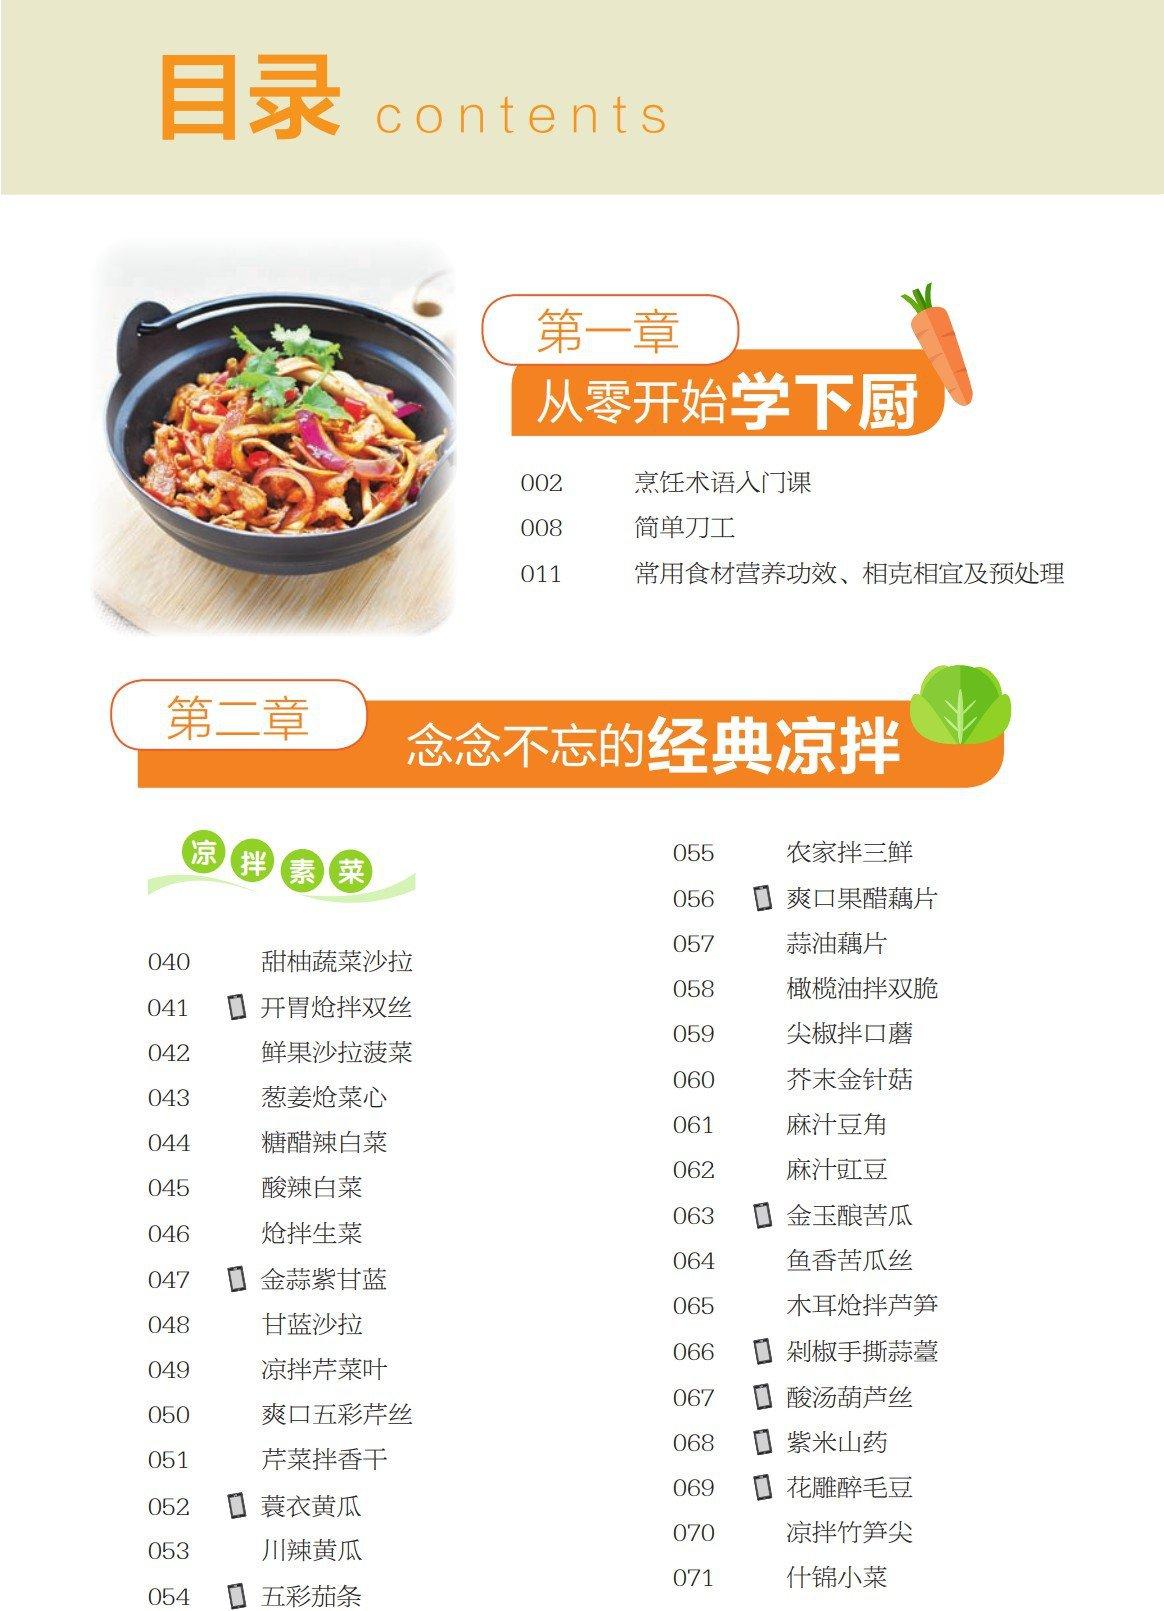 20191025173336253625 - 本味家常菜 : 凉拌小炒汤煲3688例